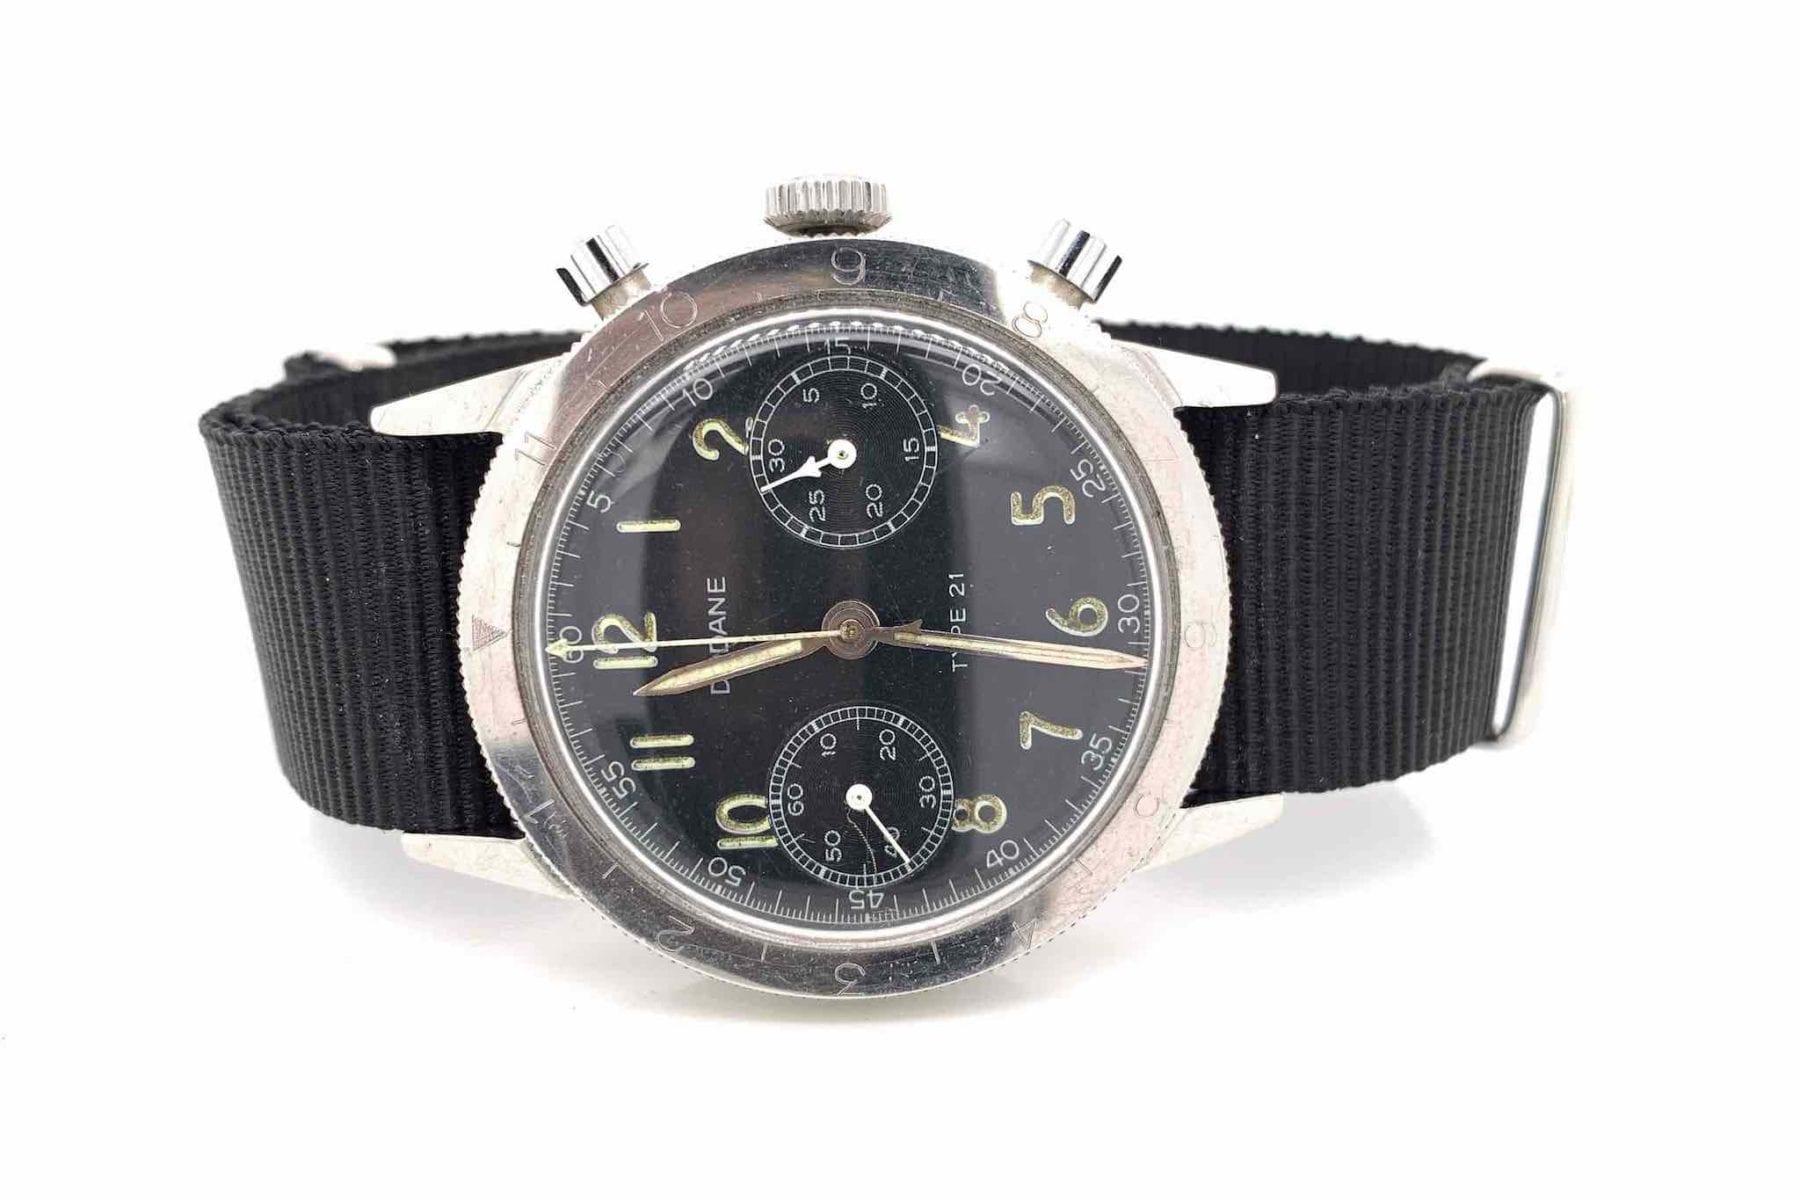 Montre Type 21 Chrono type vintage 1960